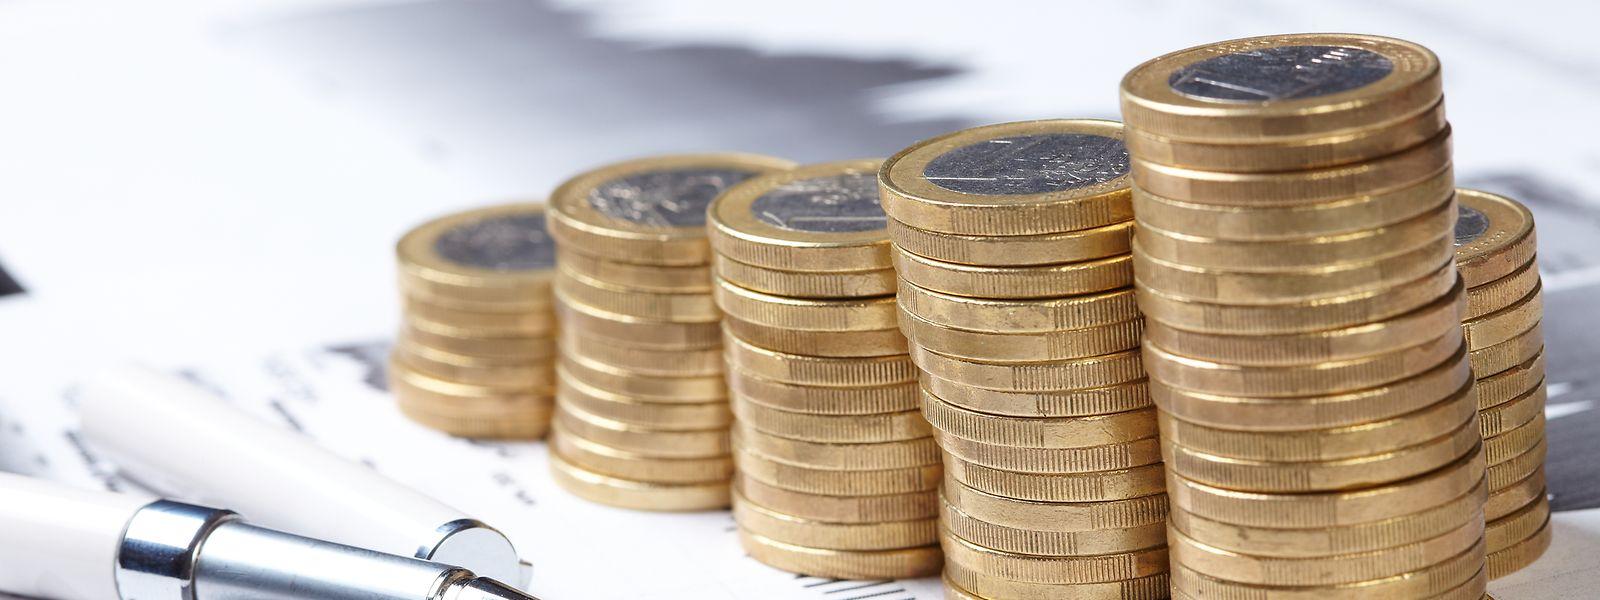 Der Rechnungshof will die Finanztransaktionen der Parteien ab kommendem Jahr noch genauer unter die Lupe nehmen.